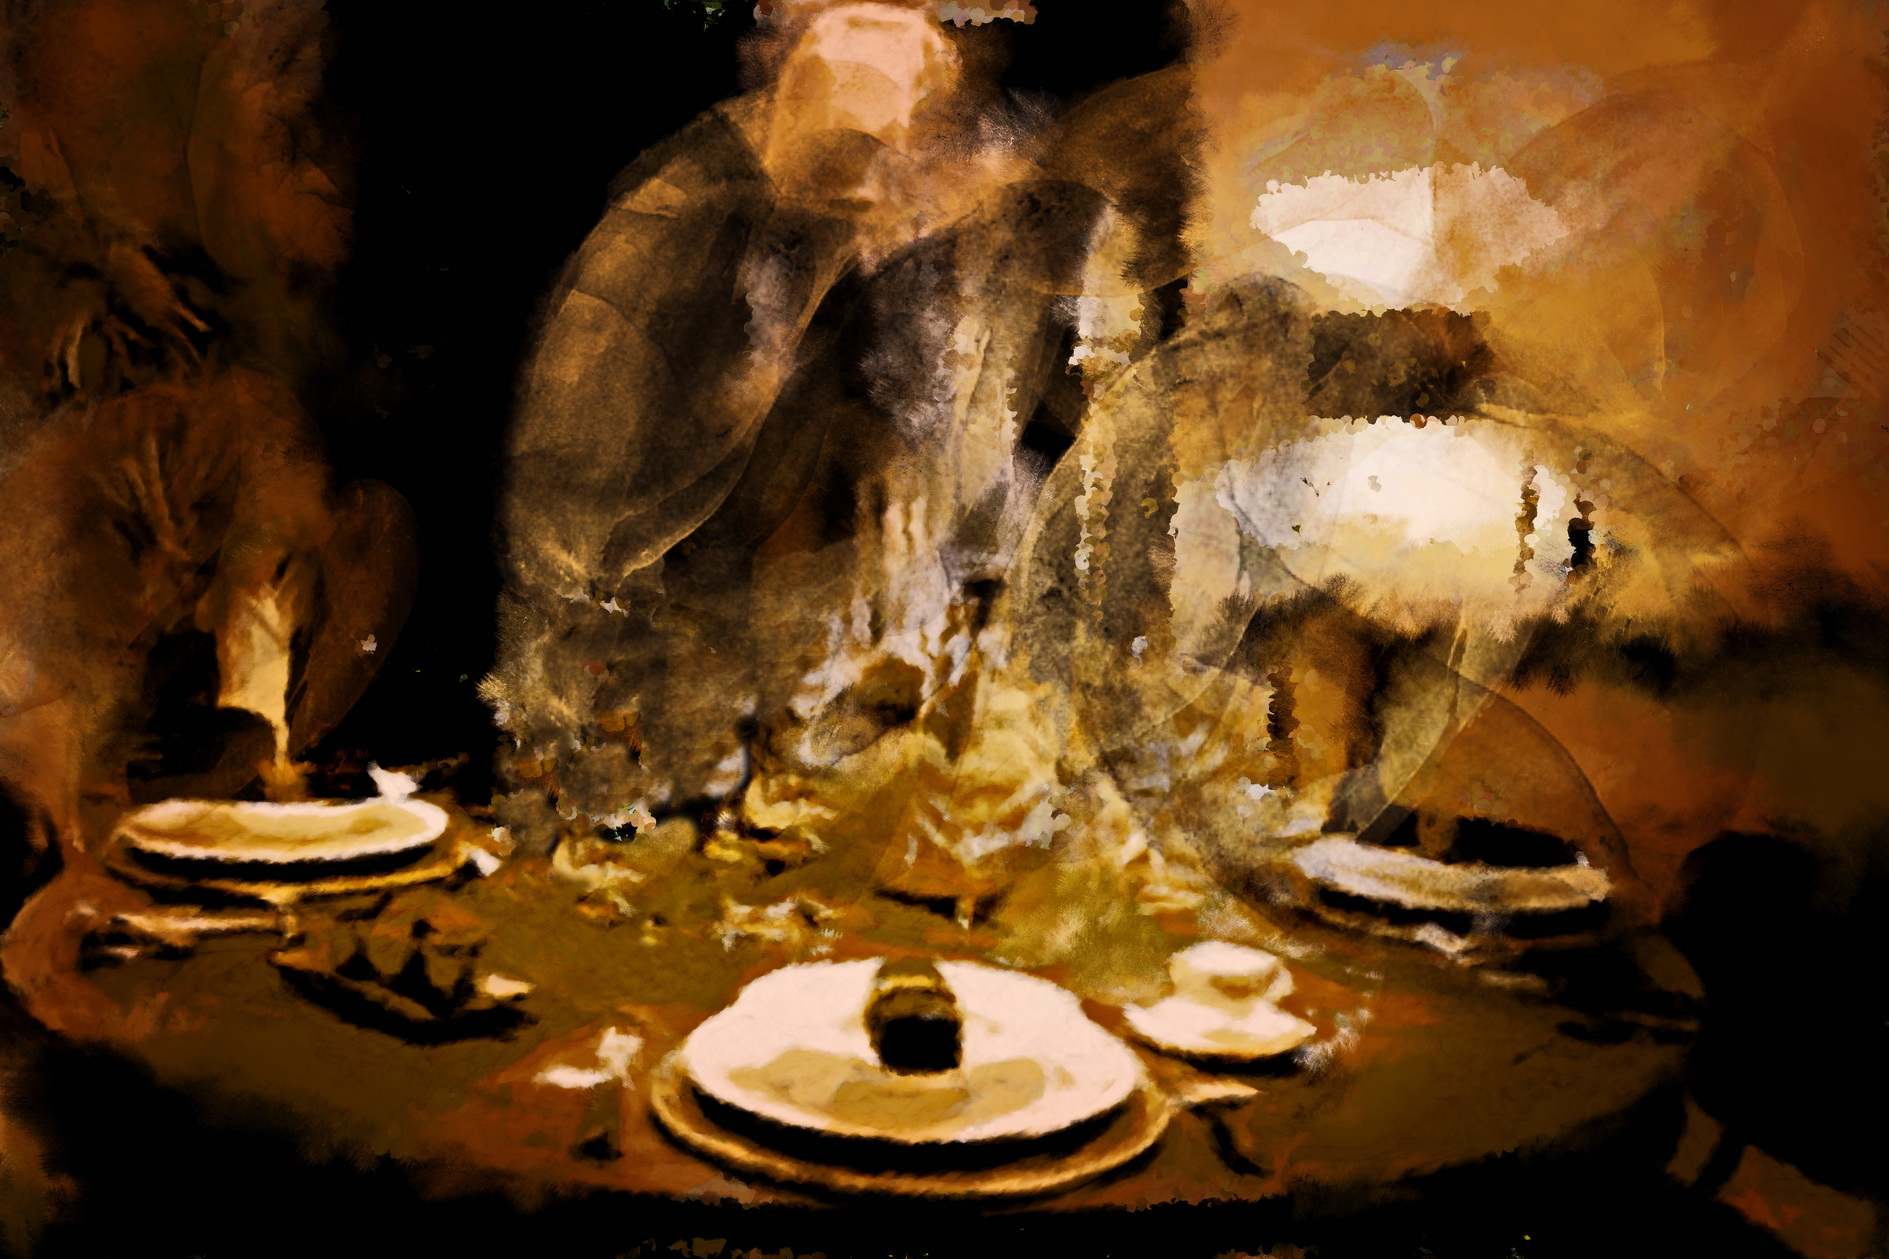 Peinture Art de la Table chez Flamant par Laure Van De Meele